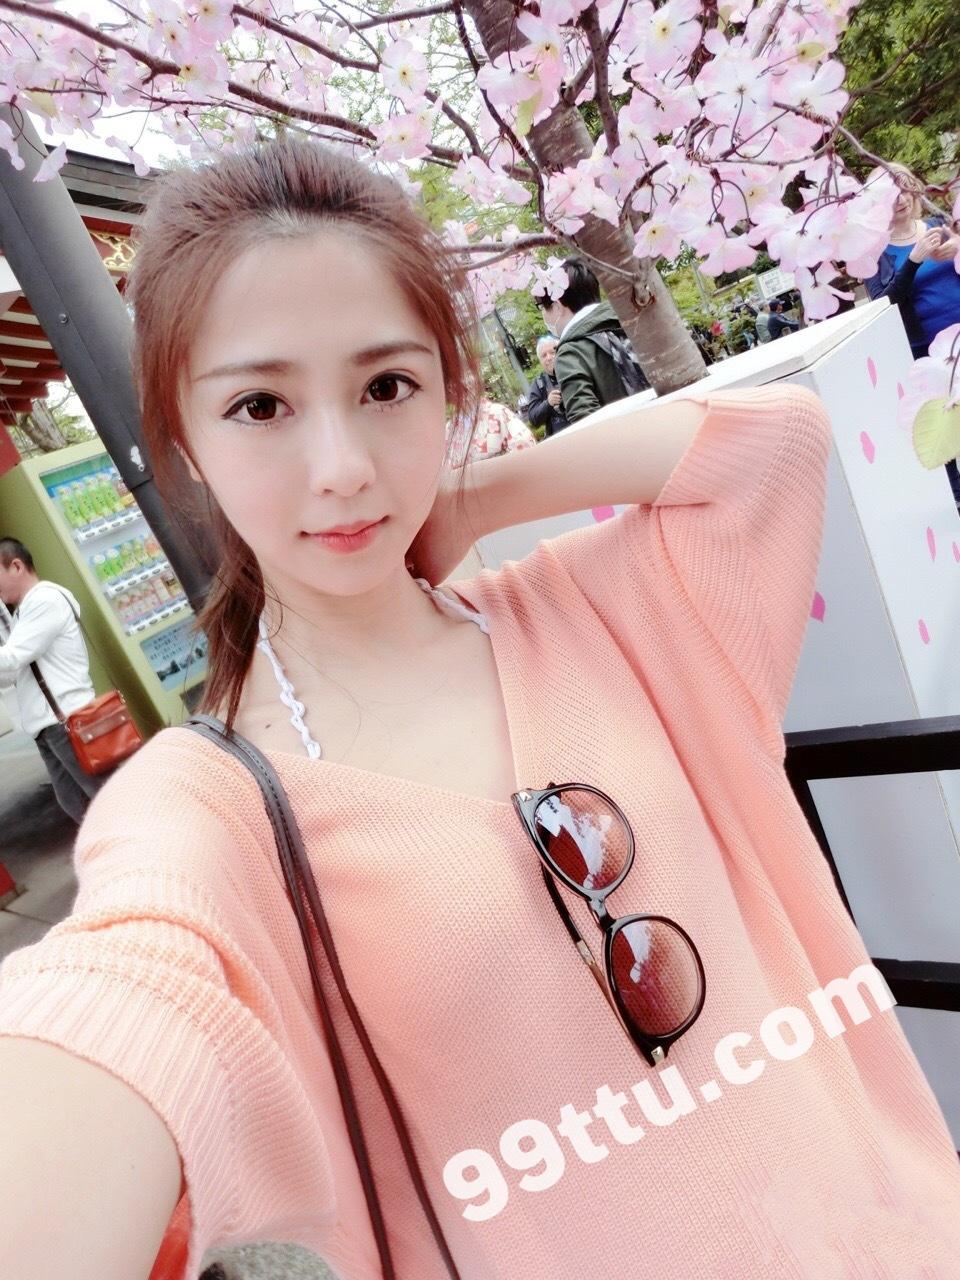 KK62_304张图+21视频 时尚美女网恋真实生活照-13